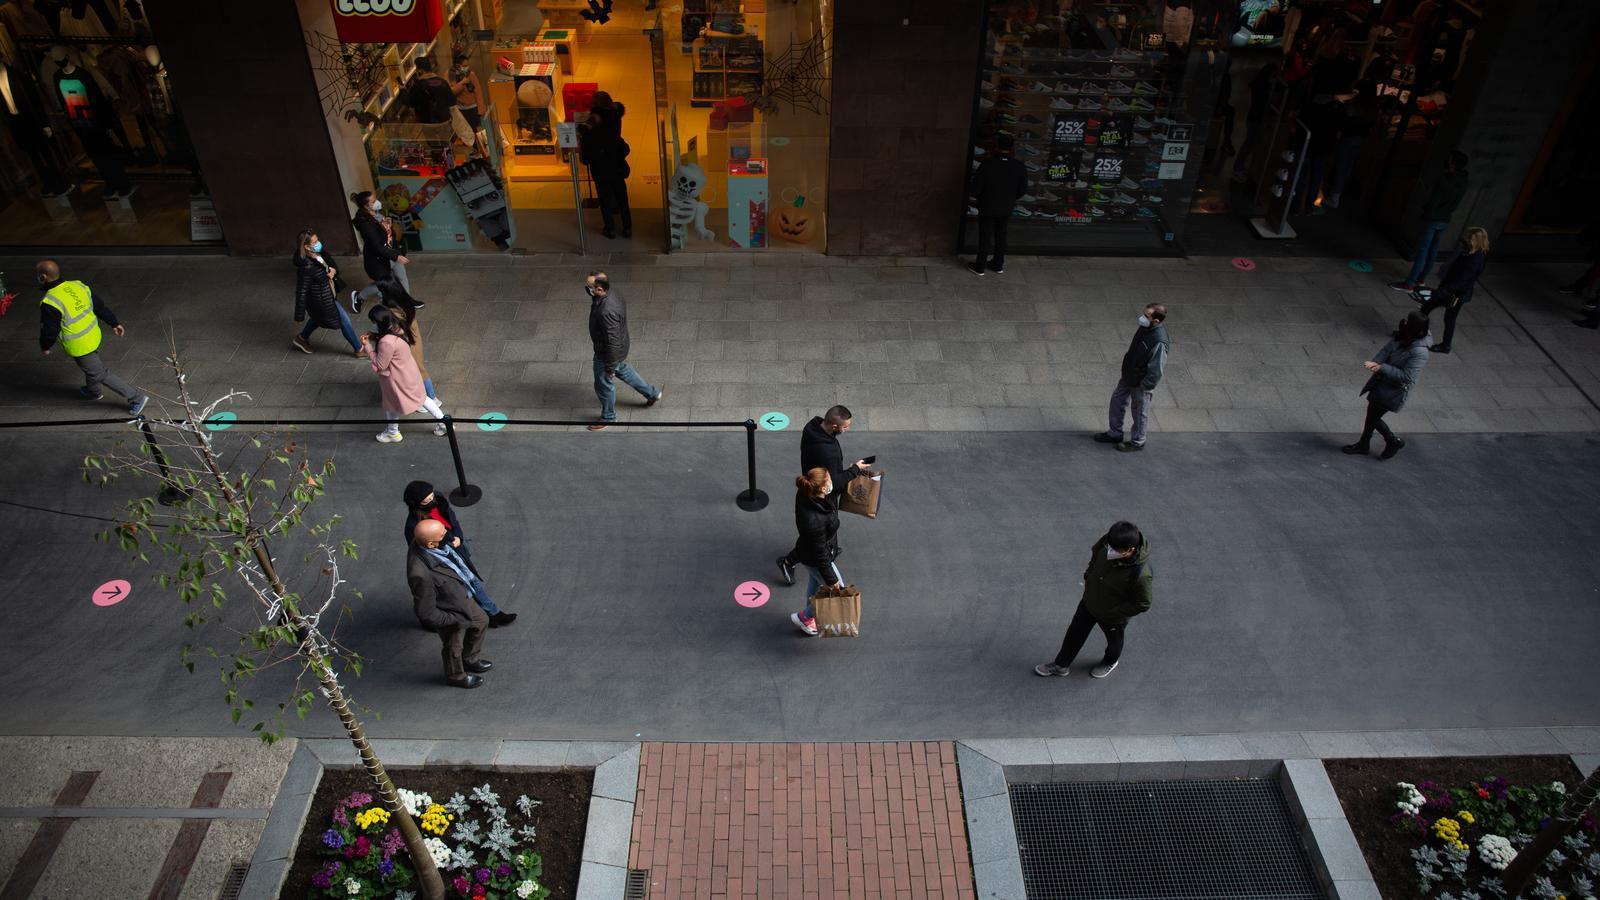 Ciutadans passejant per una zona comercial